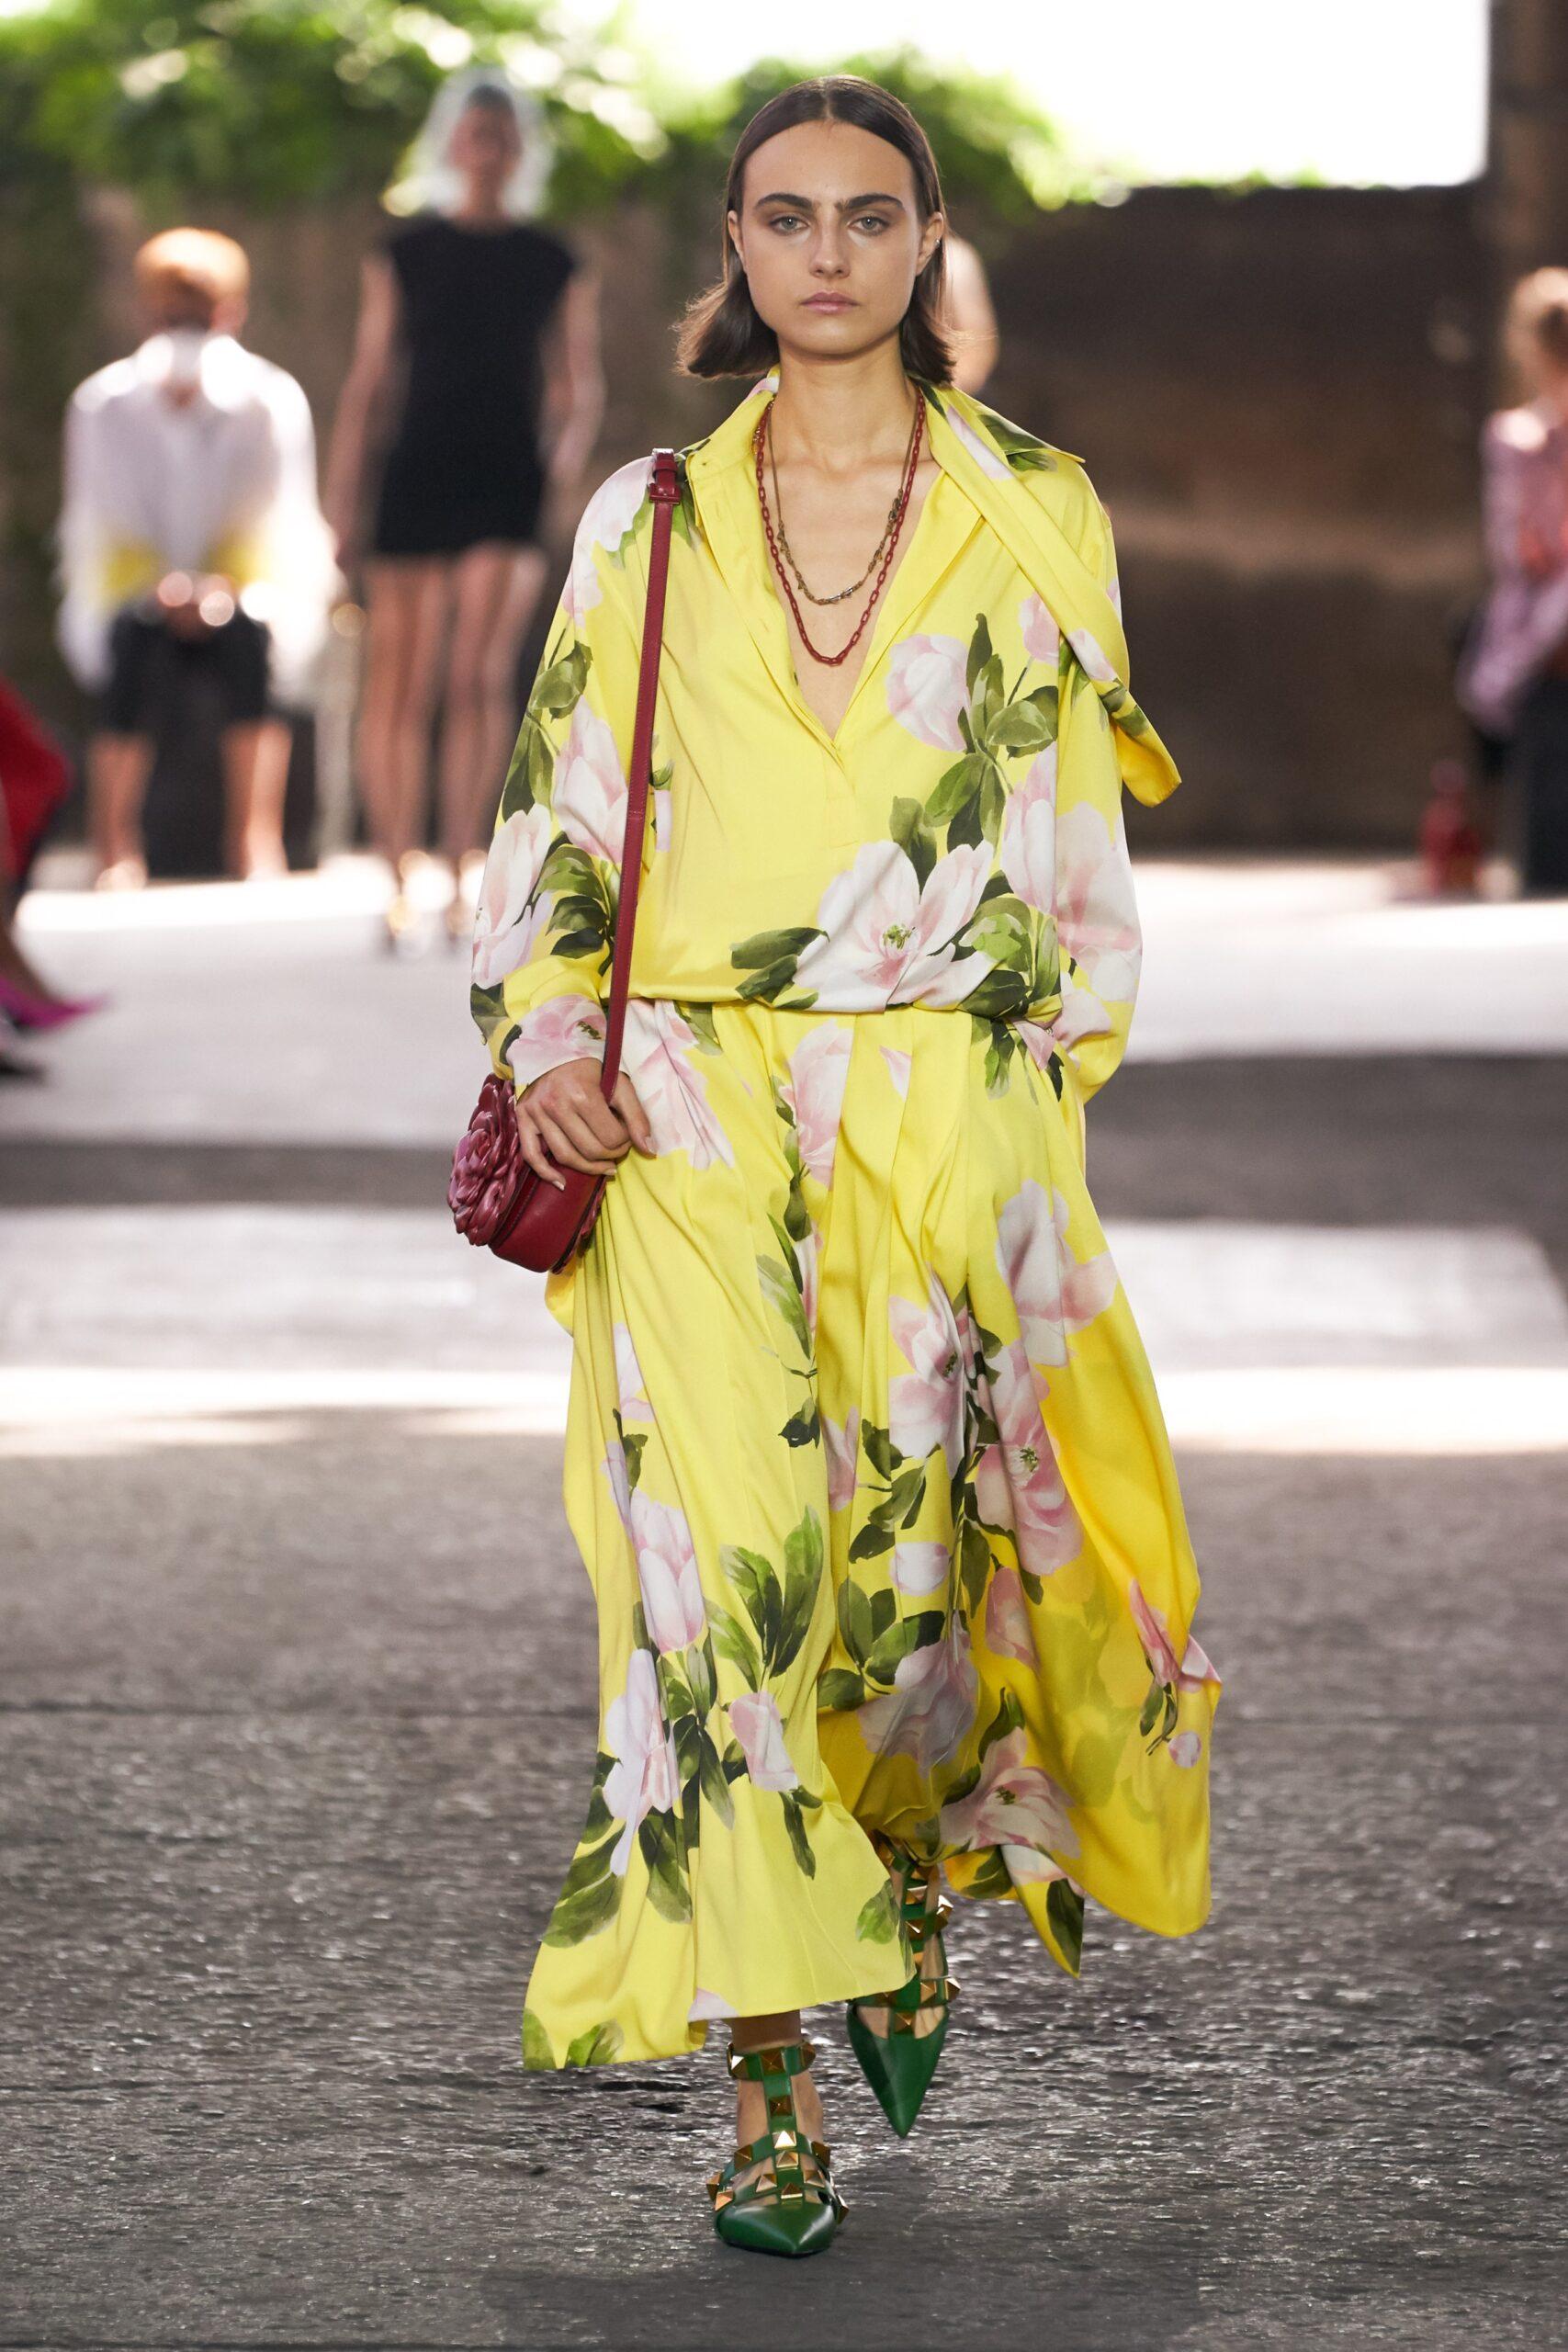 Giallo - Valentino Ready-to-Wear Spring 2020